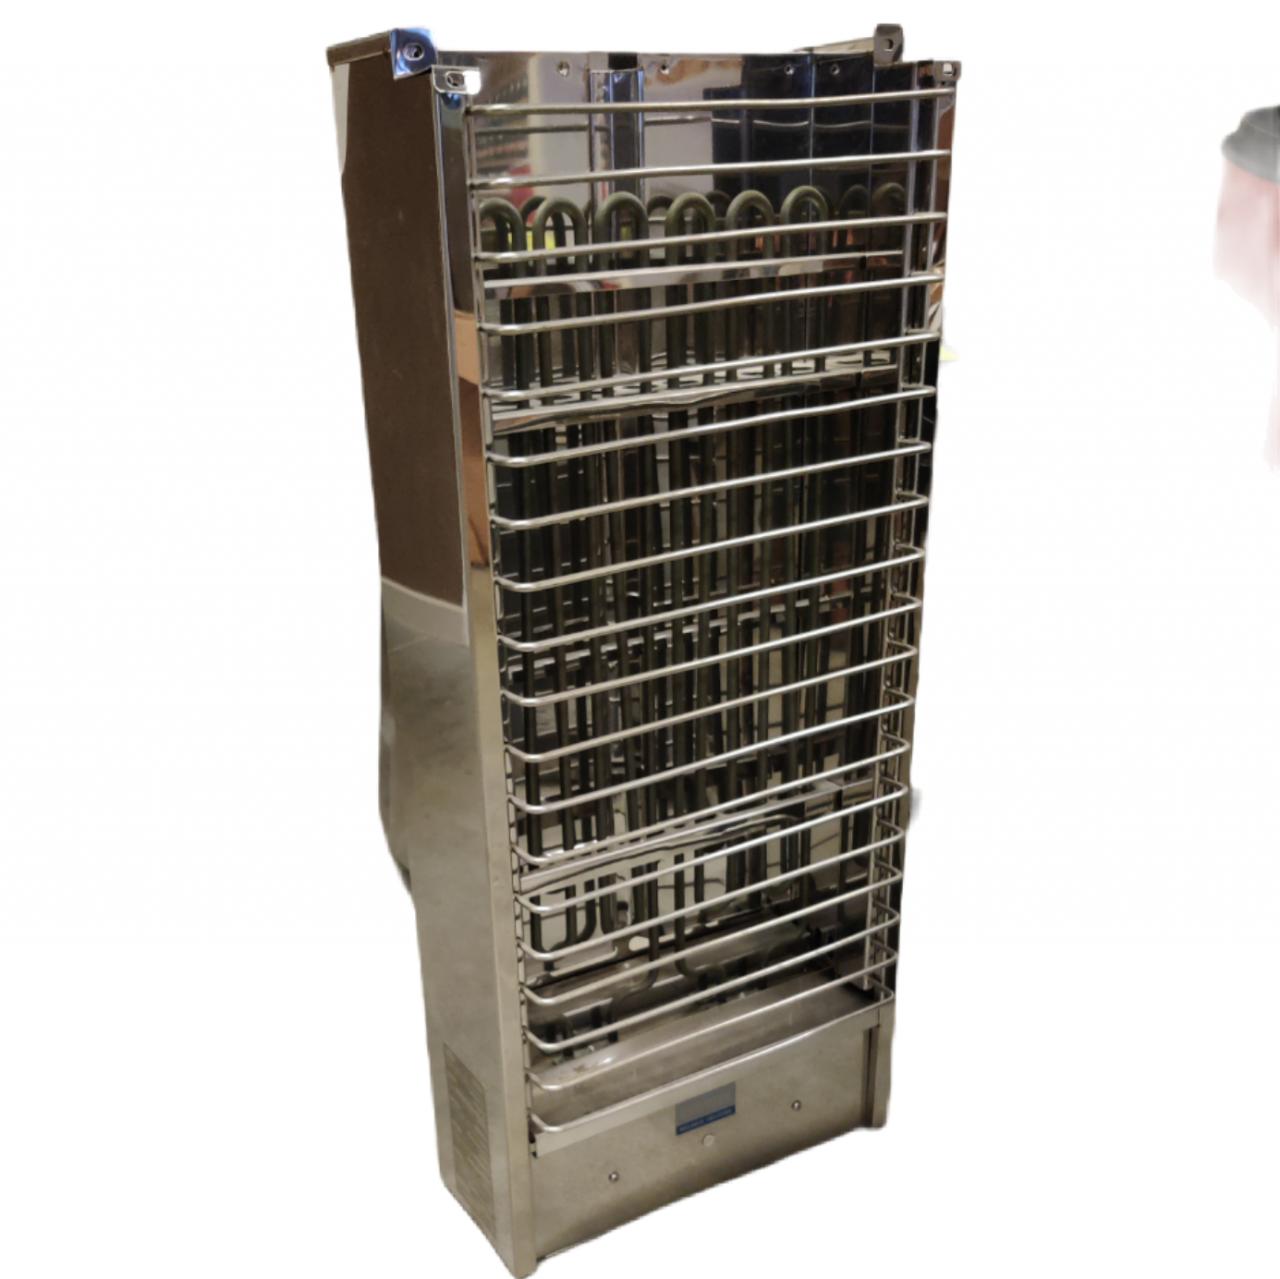 Cirrus Rock Mini saunakachel 5.0 kW - lichte beschadiging